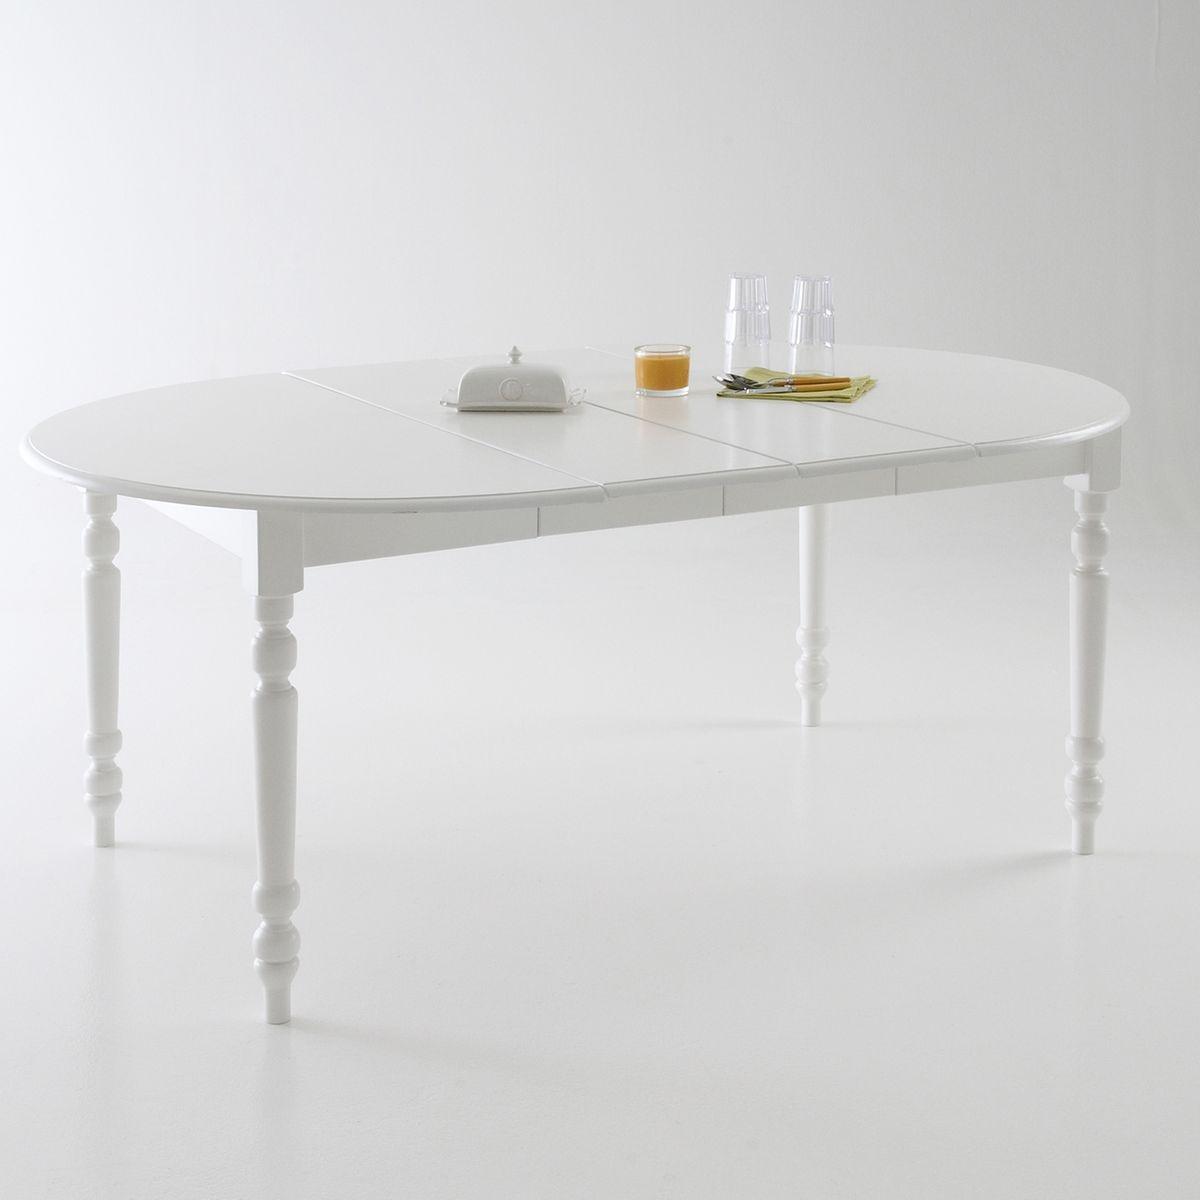 La Redoute Interieurs Table ronde, 4 à 8 couverts, Authentic Style 50bdd79055ca